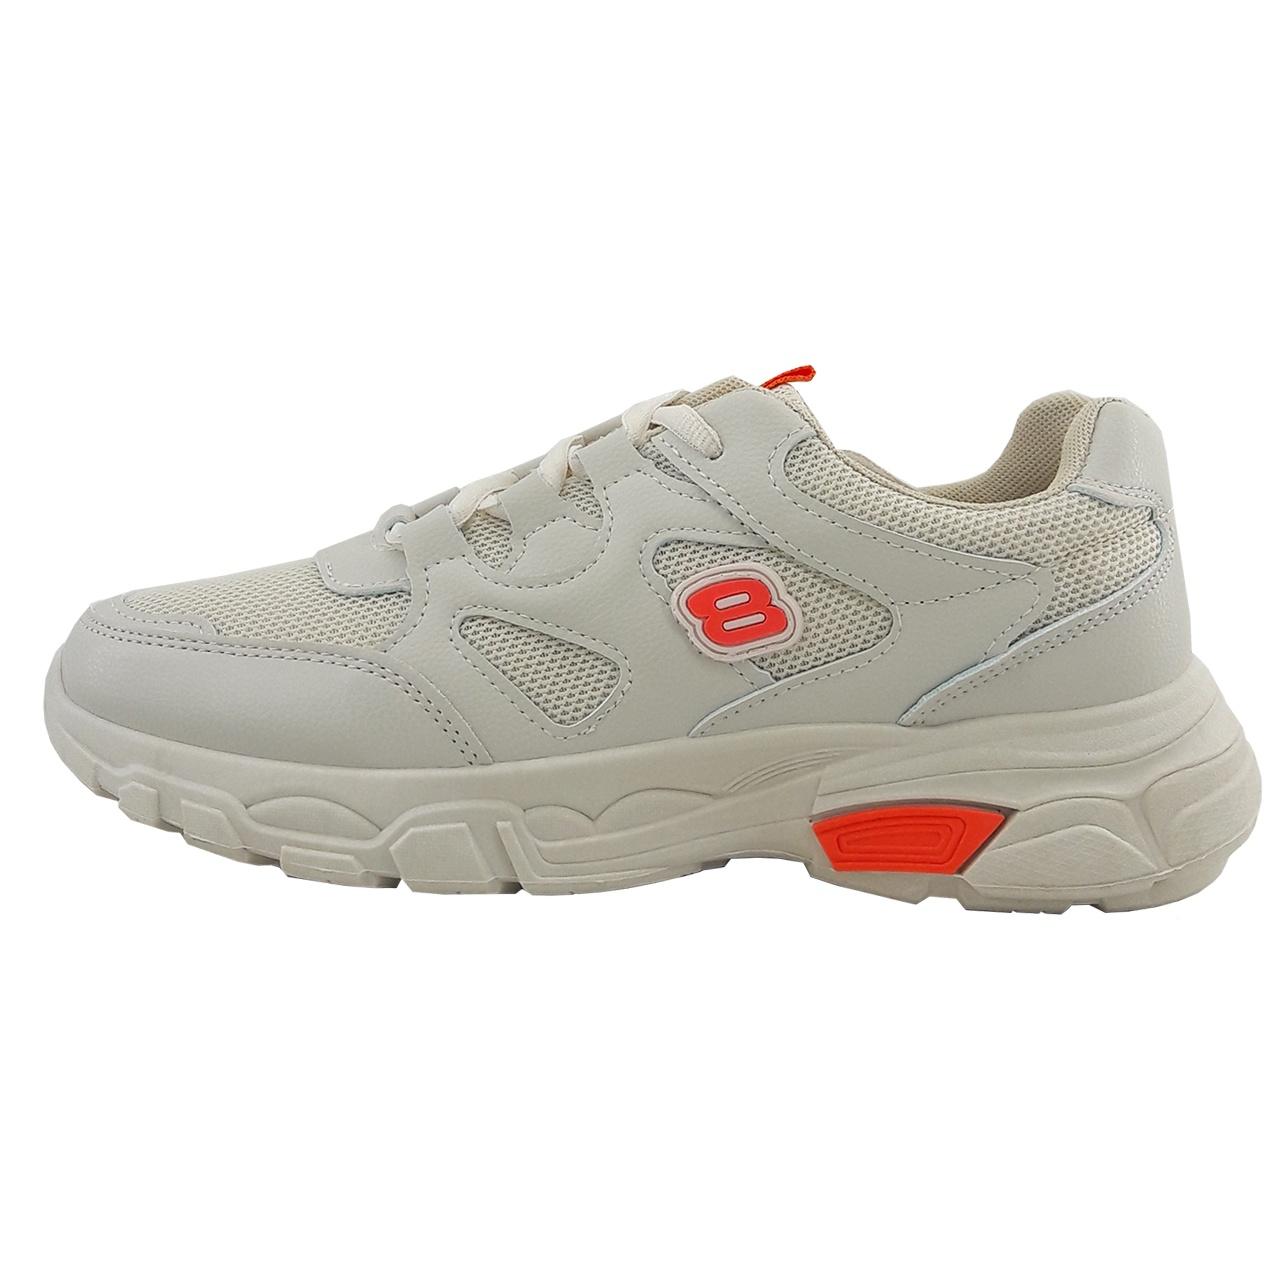 کفش مخصوص پیاده روی زنانه فشن مدل s.8.beige.org-01